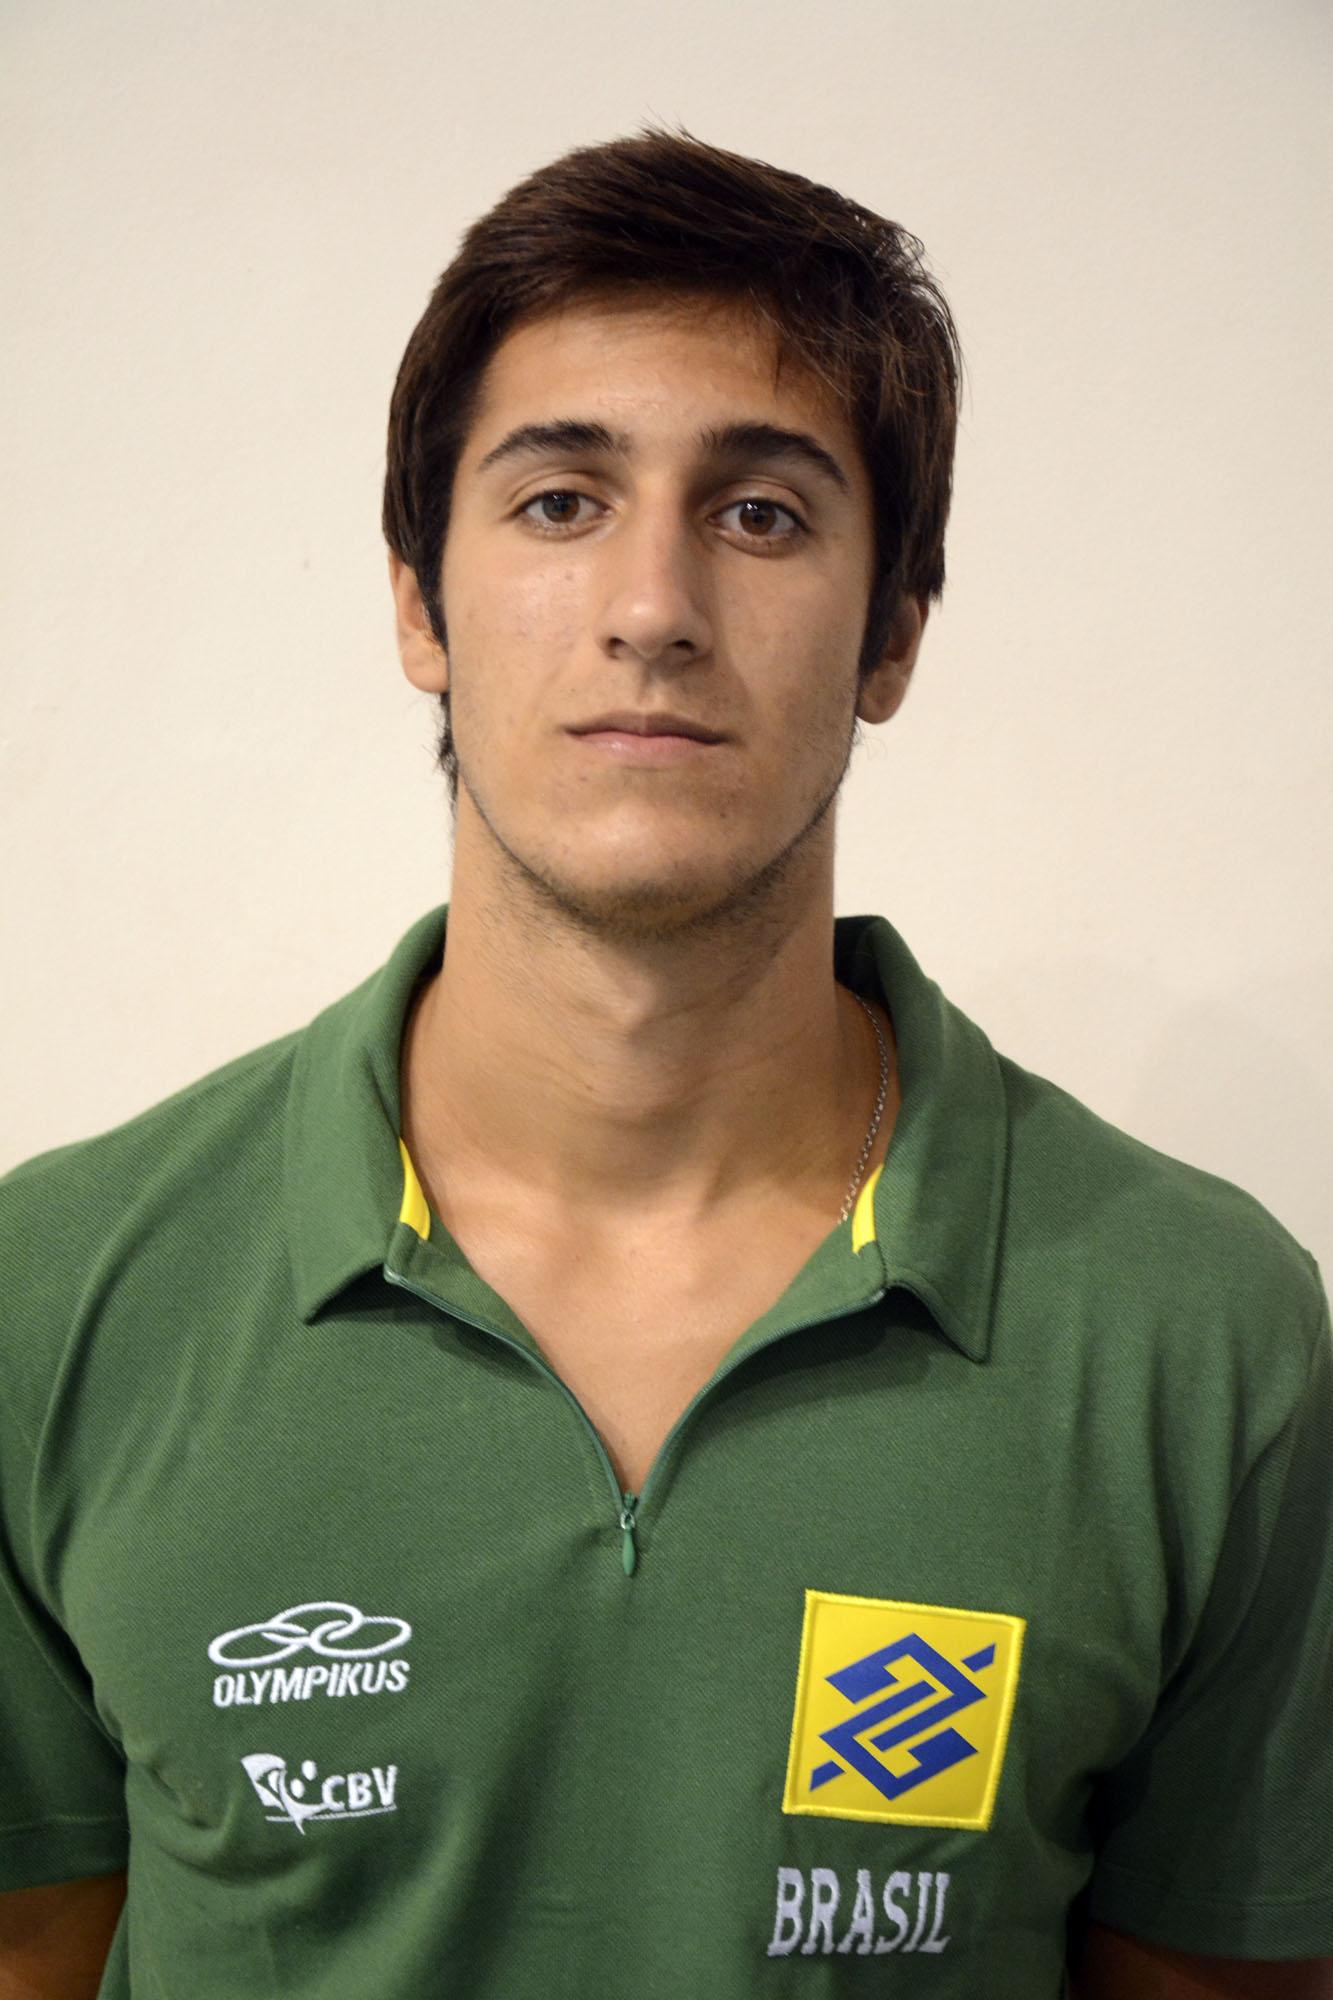 Alexandre Figueiredo Elias